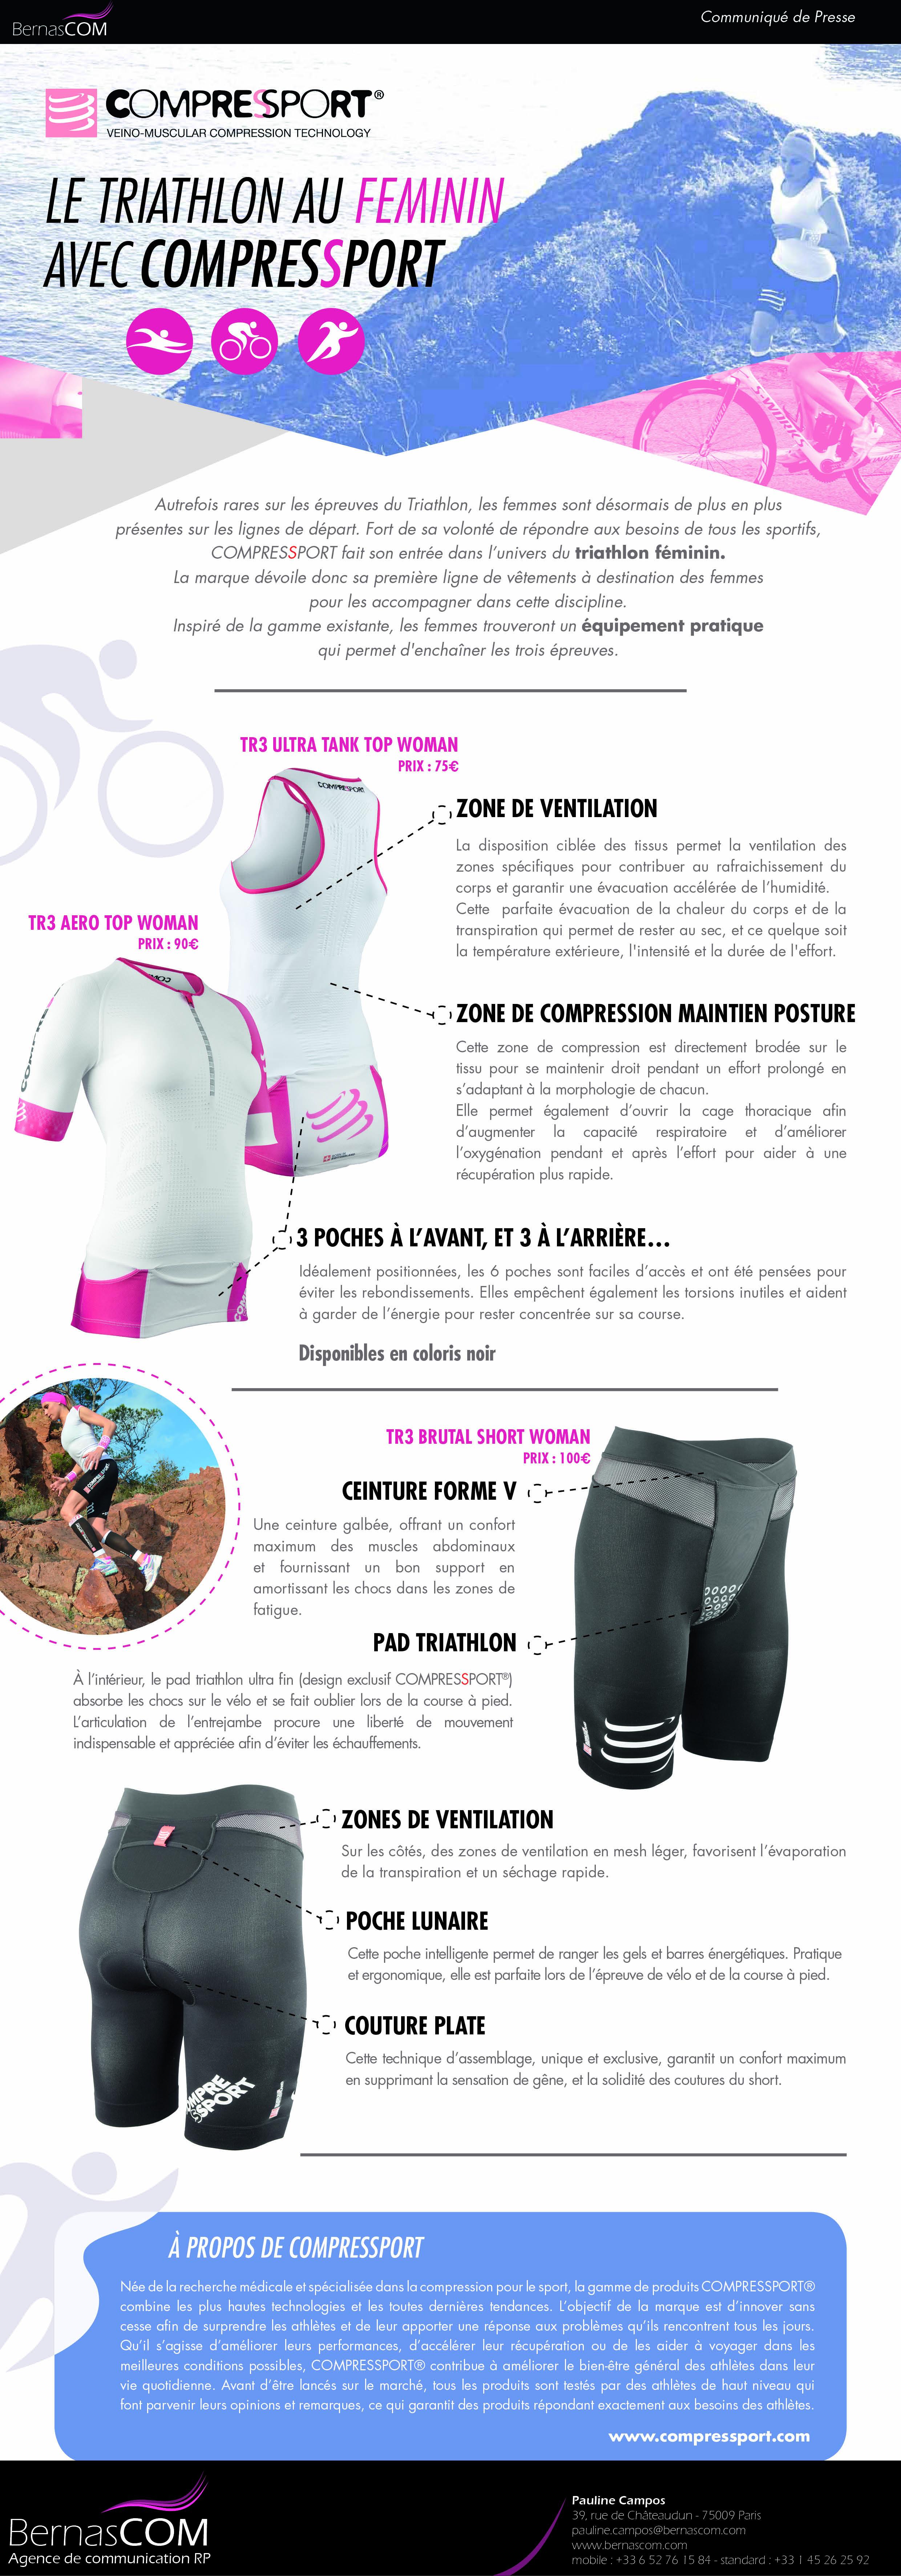 COMPRESSPORT lance une nouvelle gamme pour les femme triathlètes !